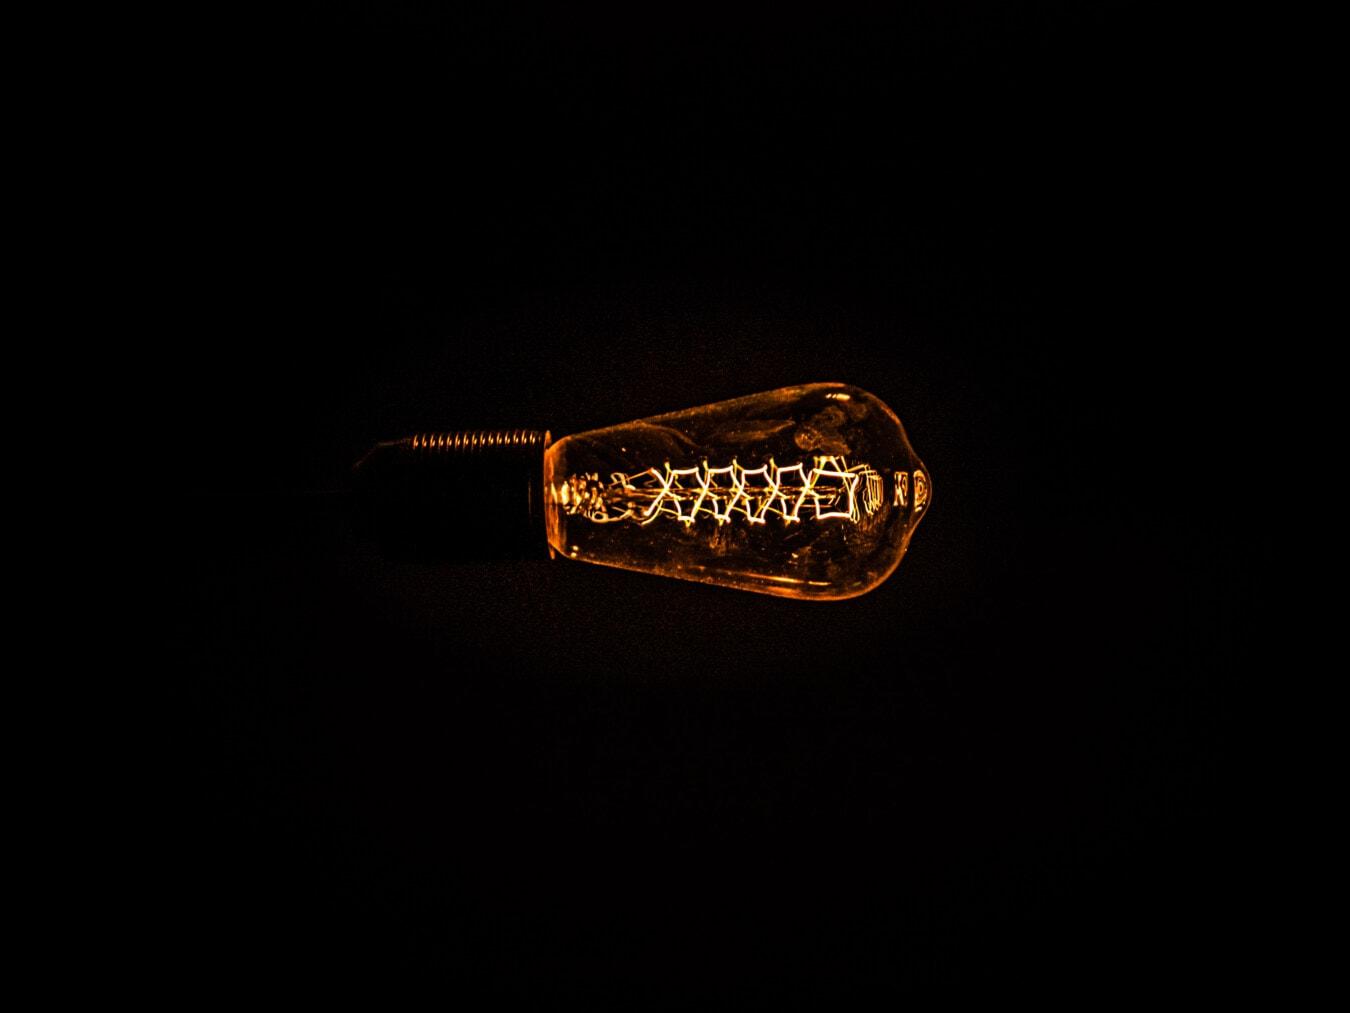 Sepia, Jahrgang, Glühbirne, Abbildung, Dunkelheit, Nacht, Altmodisch, Dunkel, Monochrom, Reflexion